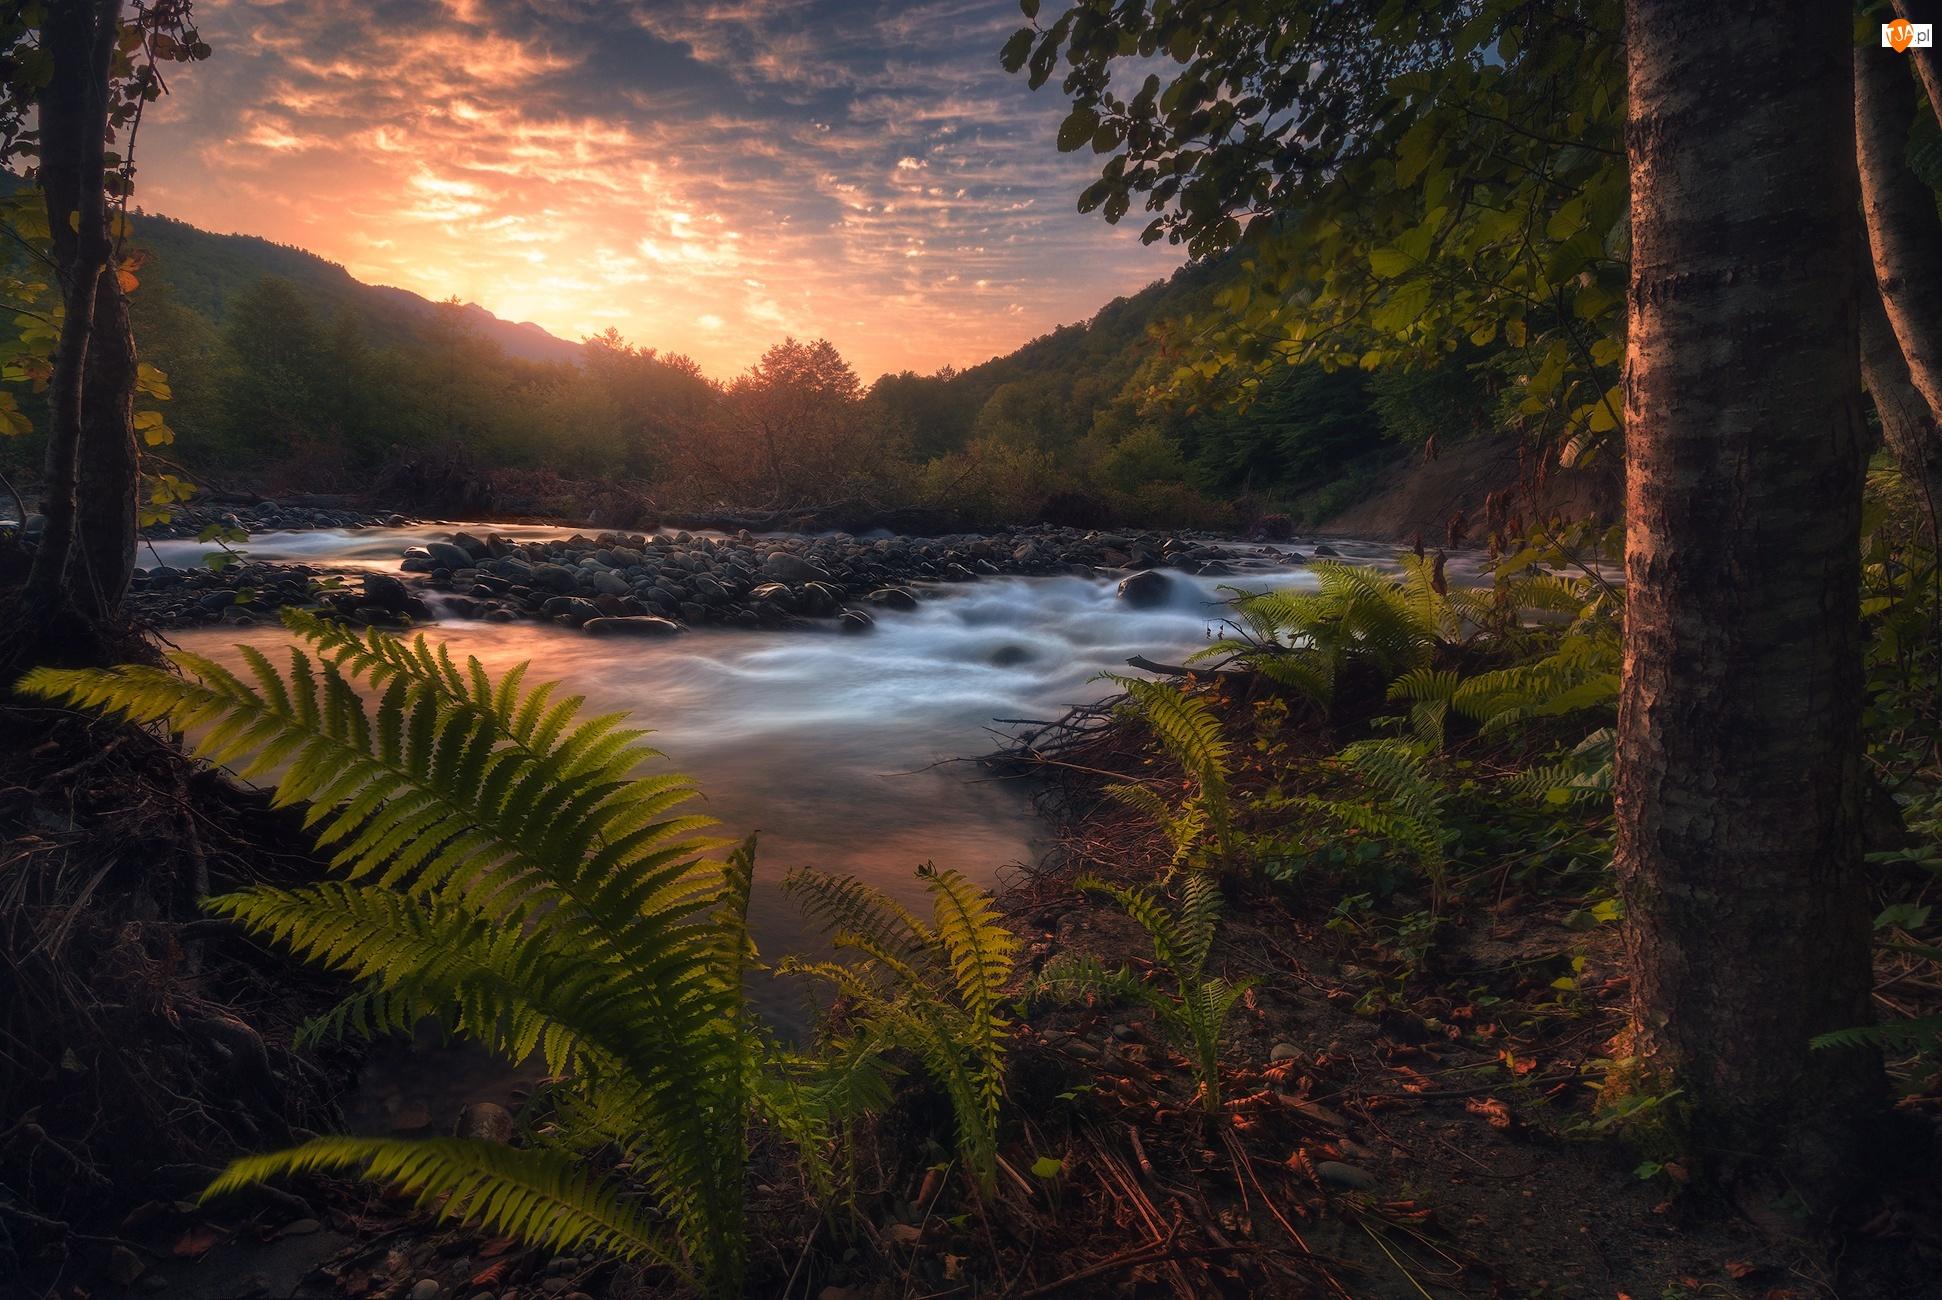 Kamienie, Paprocie, Rzeka, Zachód słońca, Drzewa